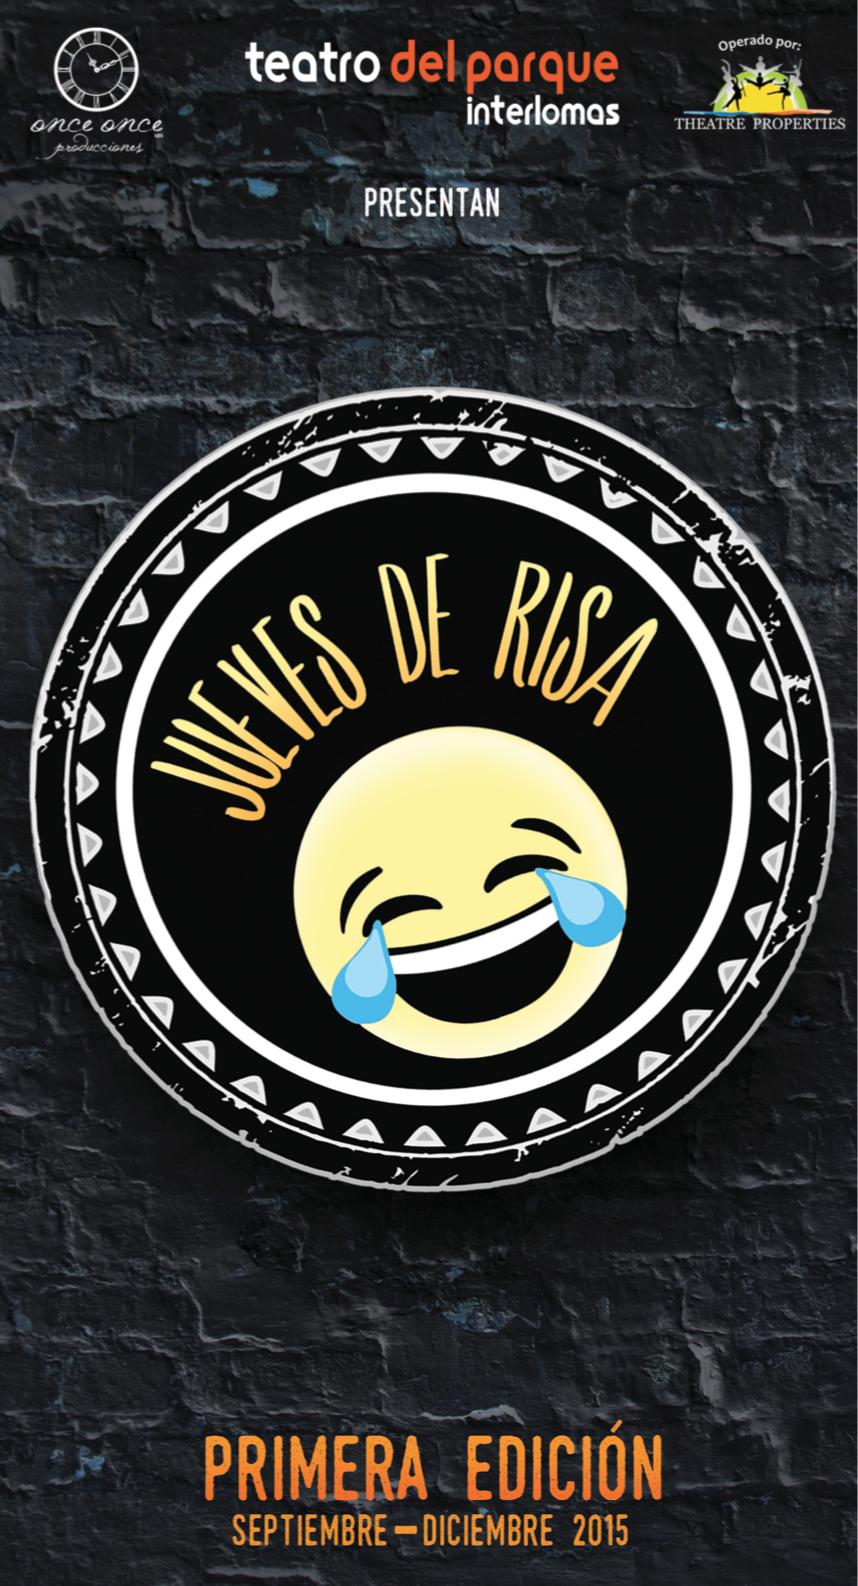 Con una dosis perfecta de carcajadas,este ciclo ofrece divertidos espectáculos que se han presentado exitosamente en otros foros en el Teatro del Parque en Interlomas.